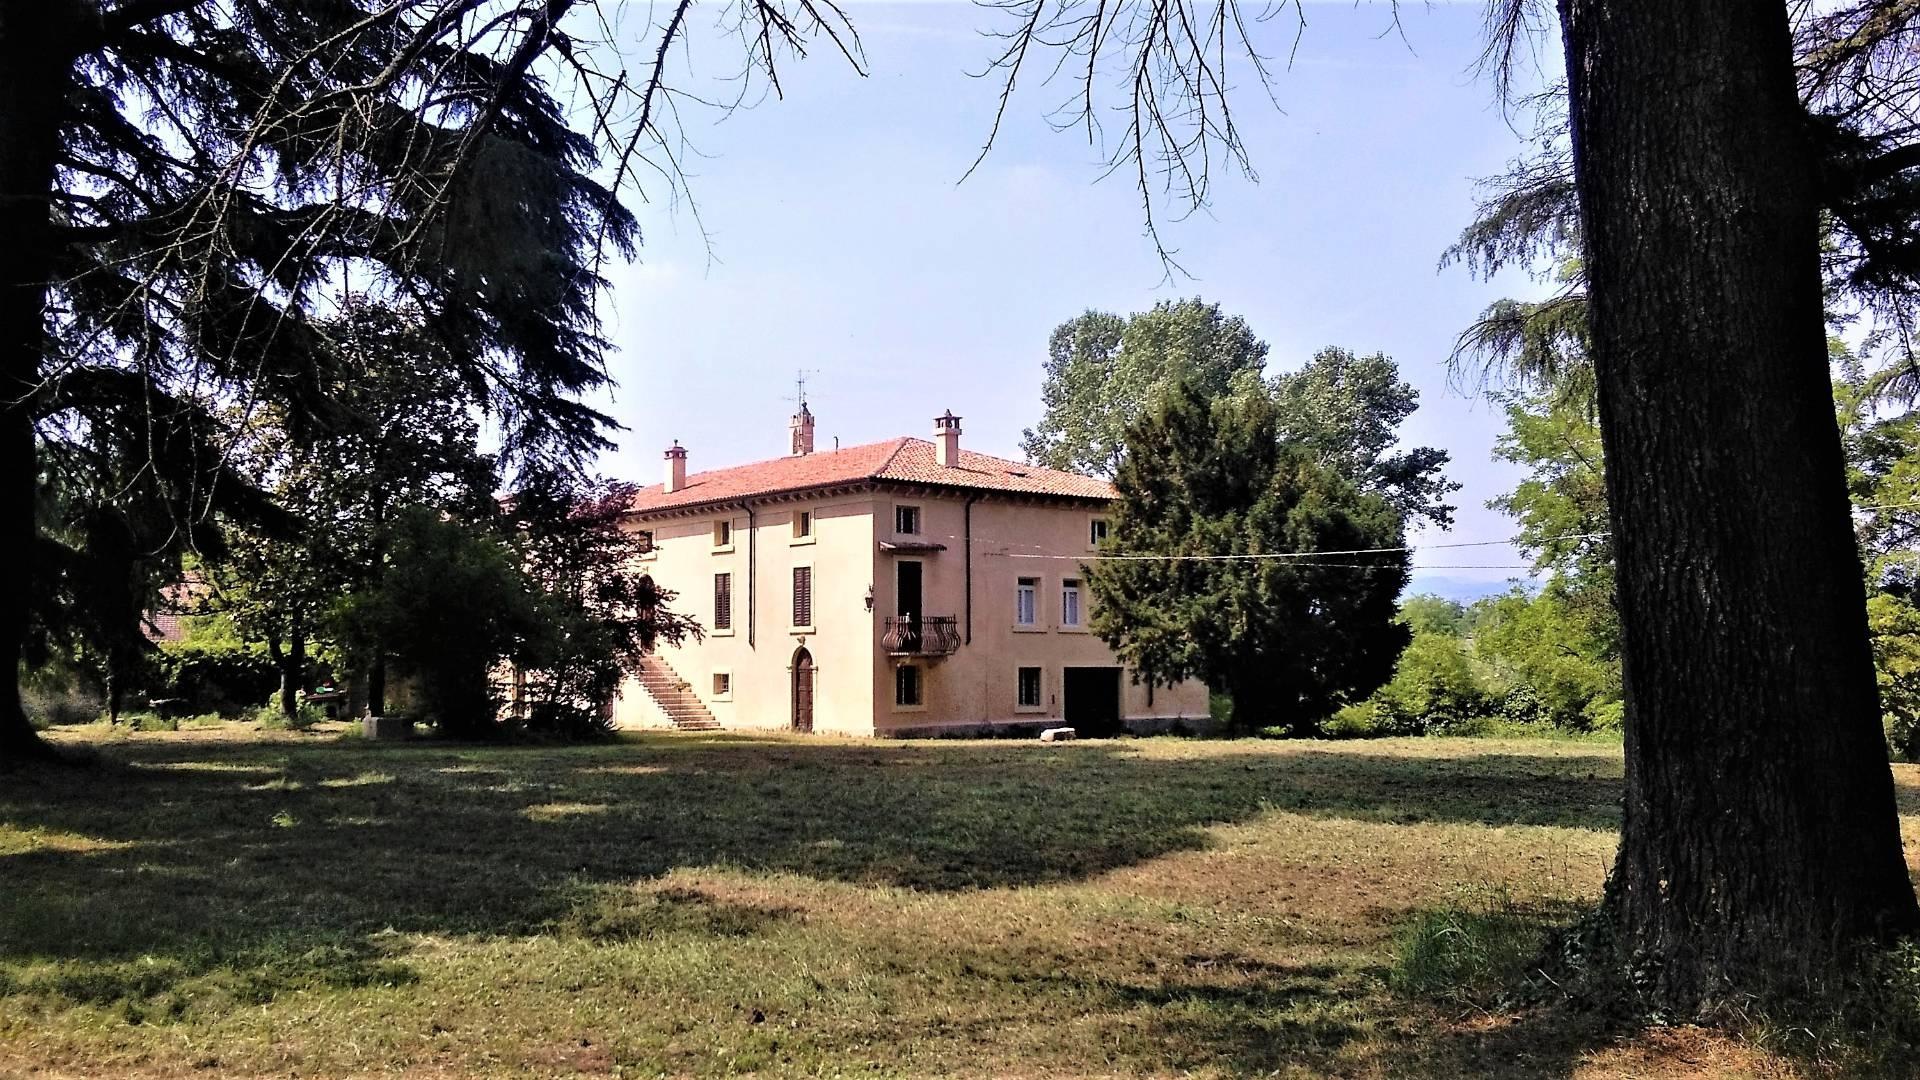 Matrimonio Rustico Verona : Cerca rustico cascina in vendita a verona vr cerco